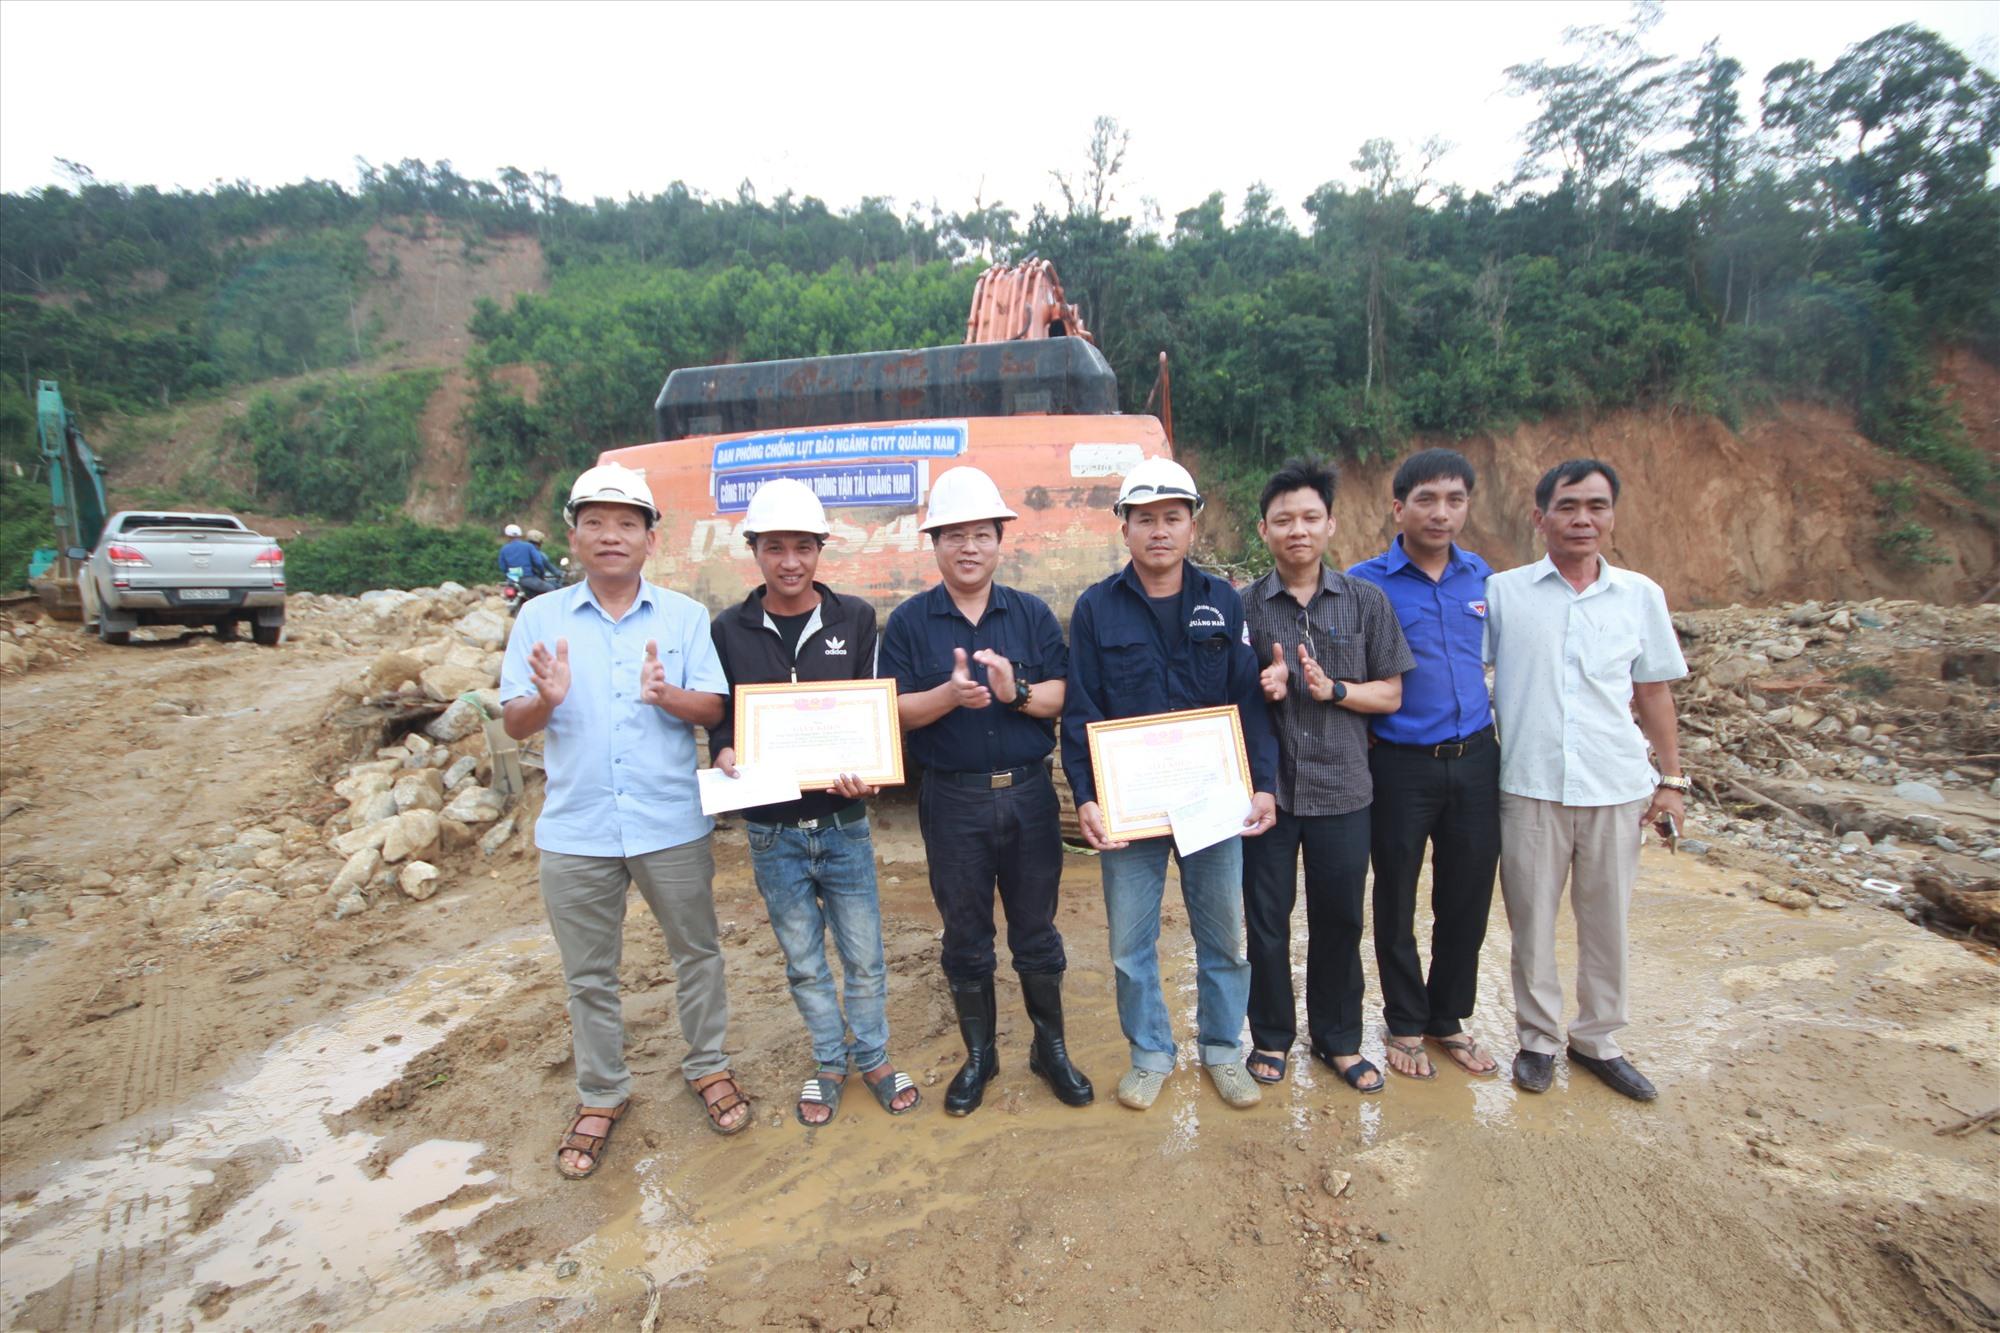 Ông Văn Anh Tuấn - Giám đốc Sở GTVT tặng giấy khen cho các đơn vị tham gia tích cực trong công tác thông tuyến giao thông vào Phước Thành. Ảnh: T.C